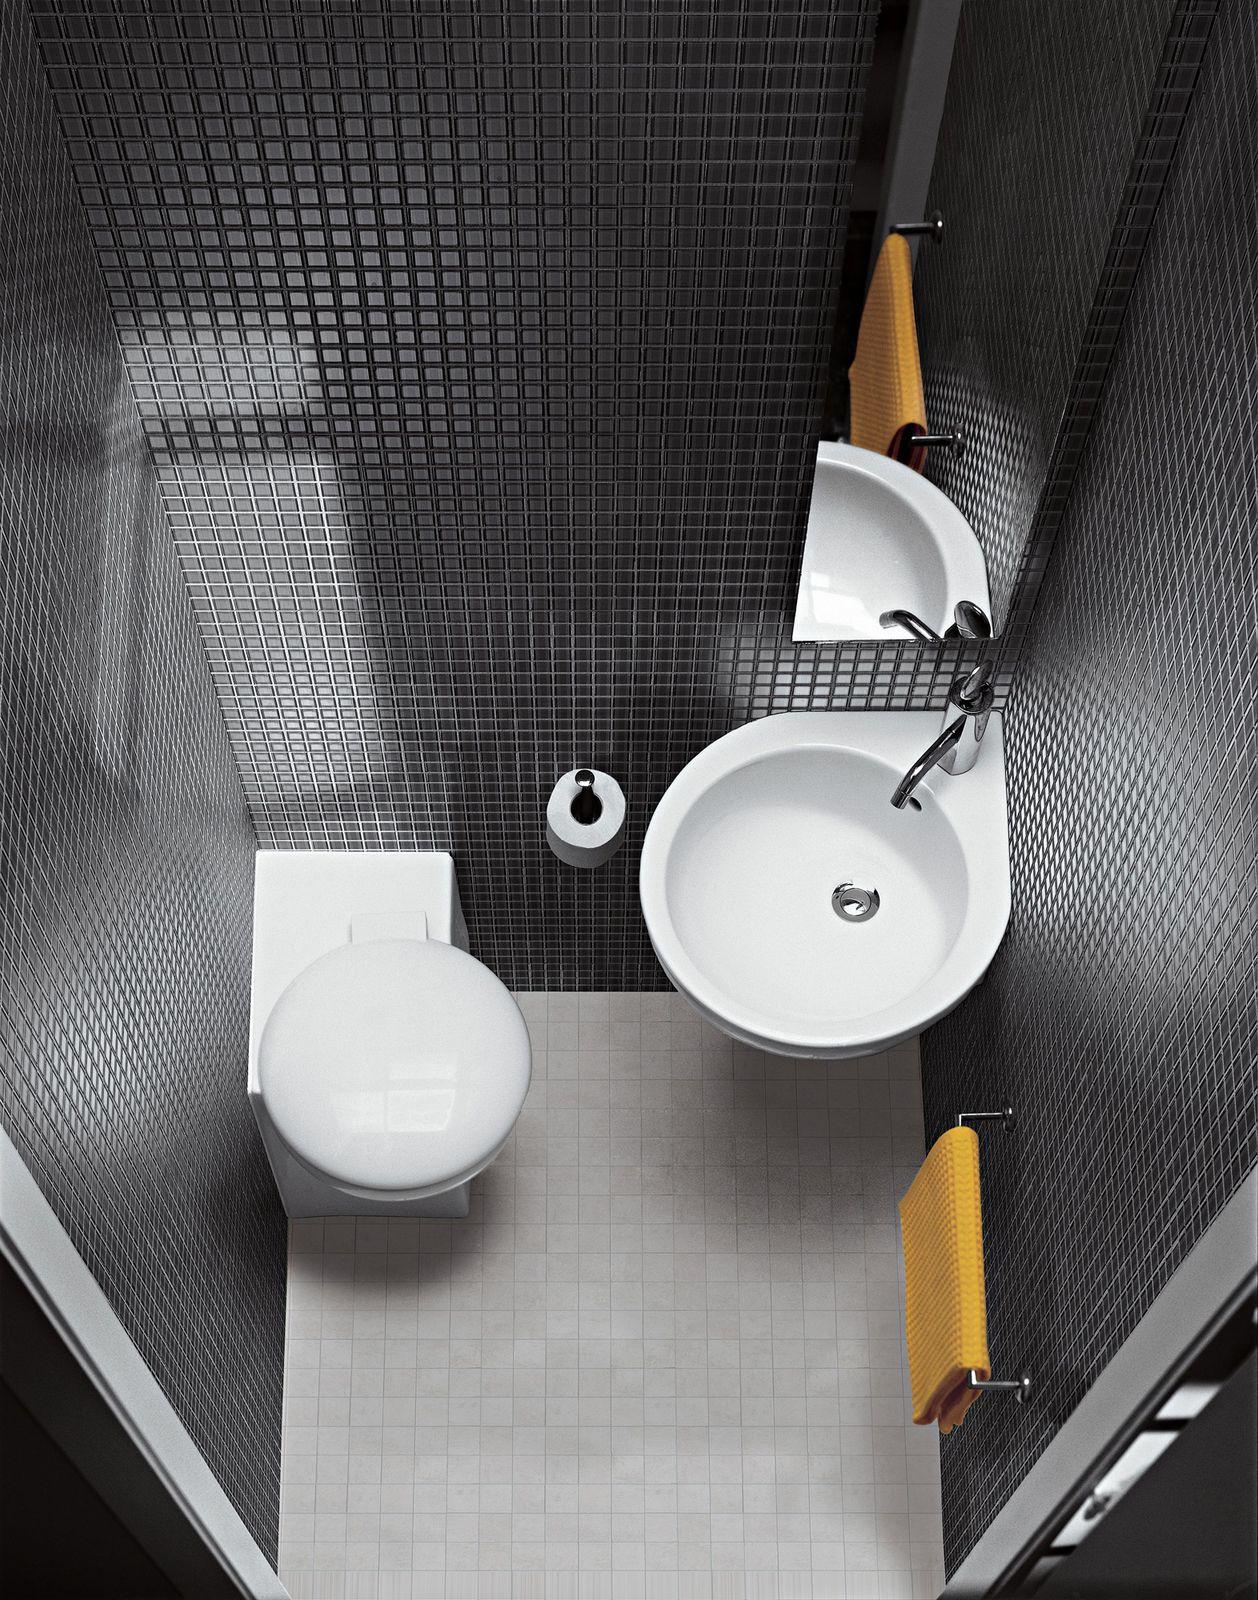 Soluzioni per il bagno piccolo | 灵感 | Pinterest | Bagno piccolo ...